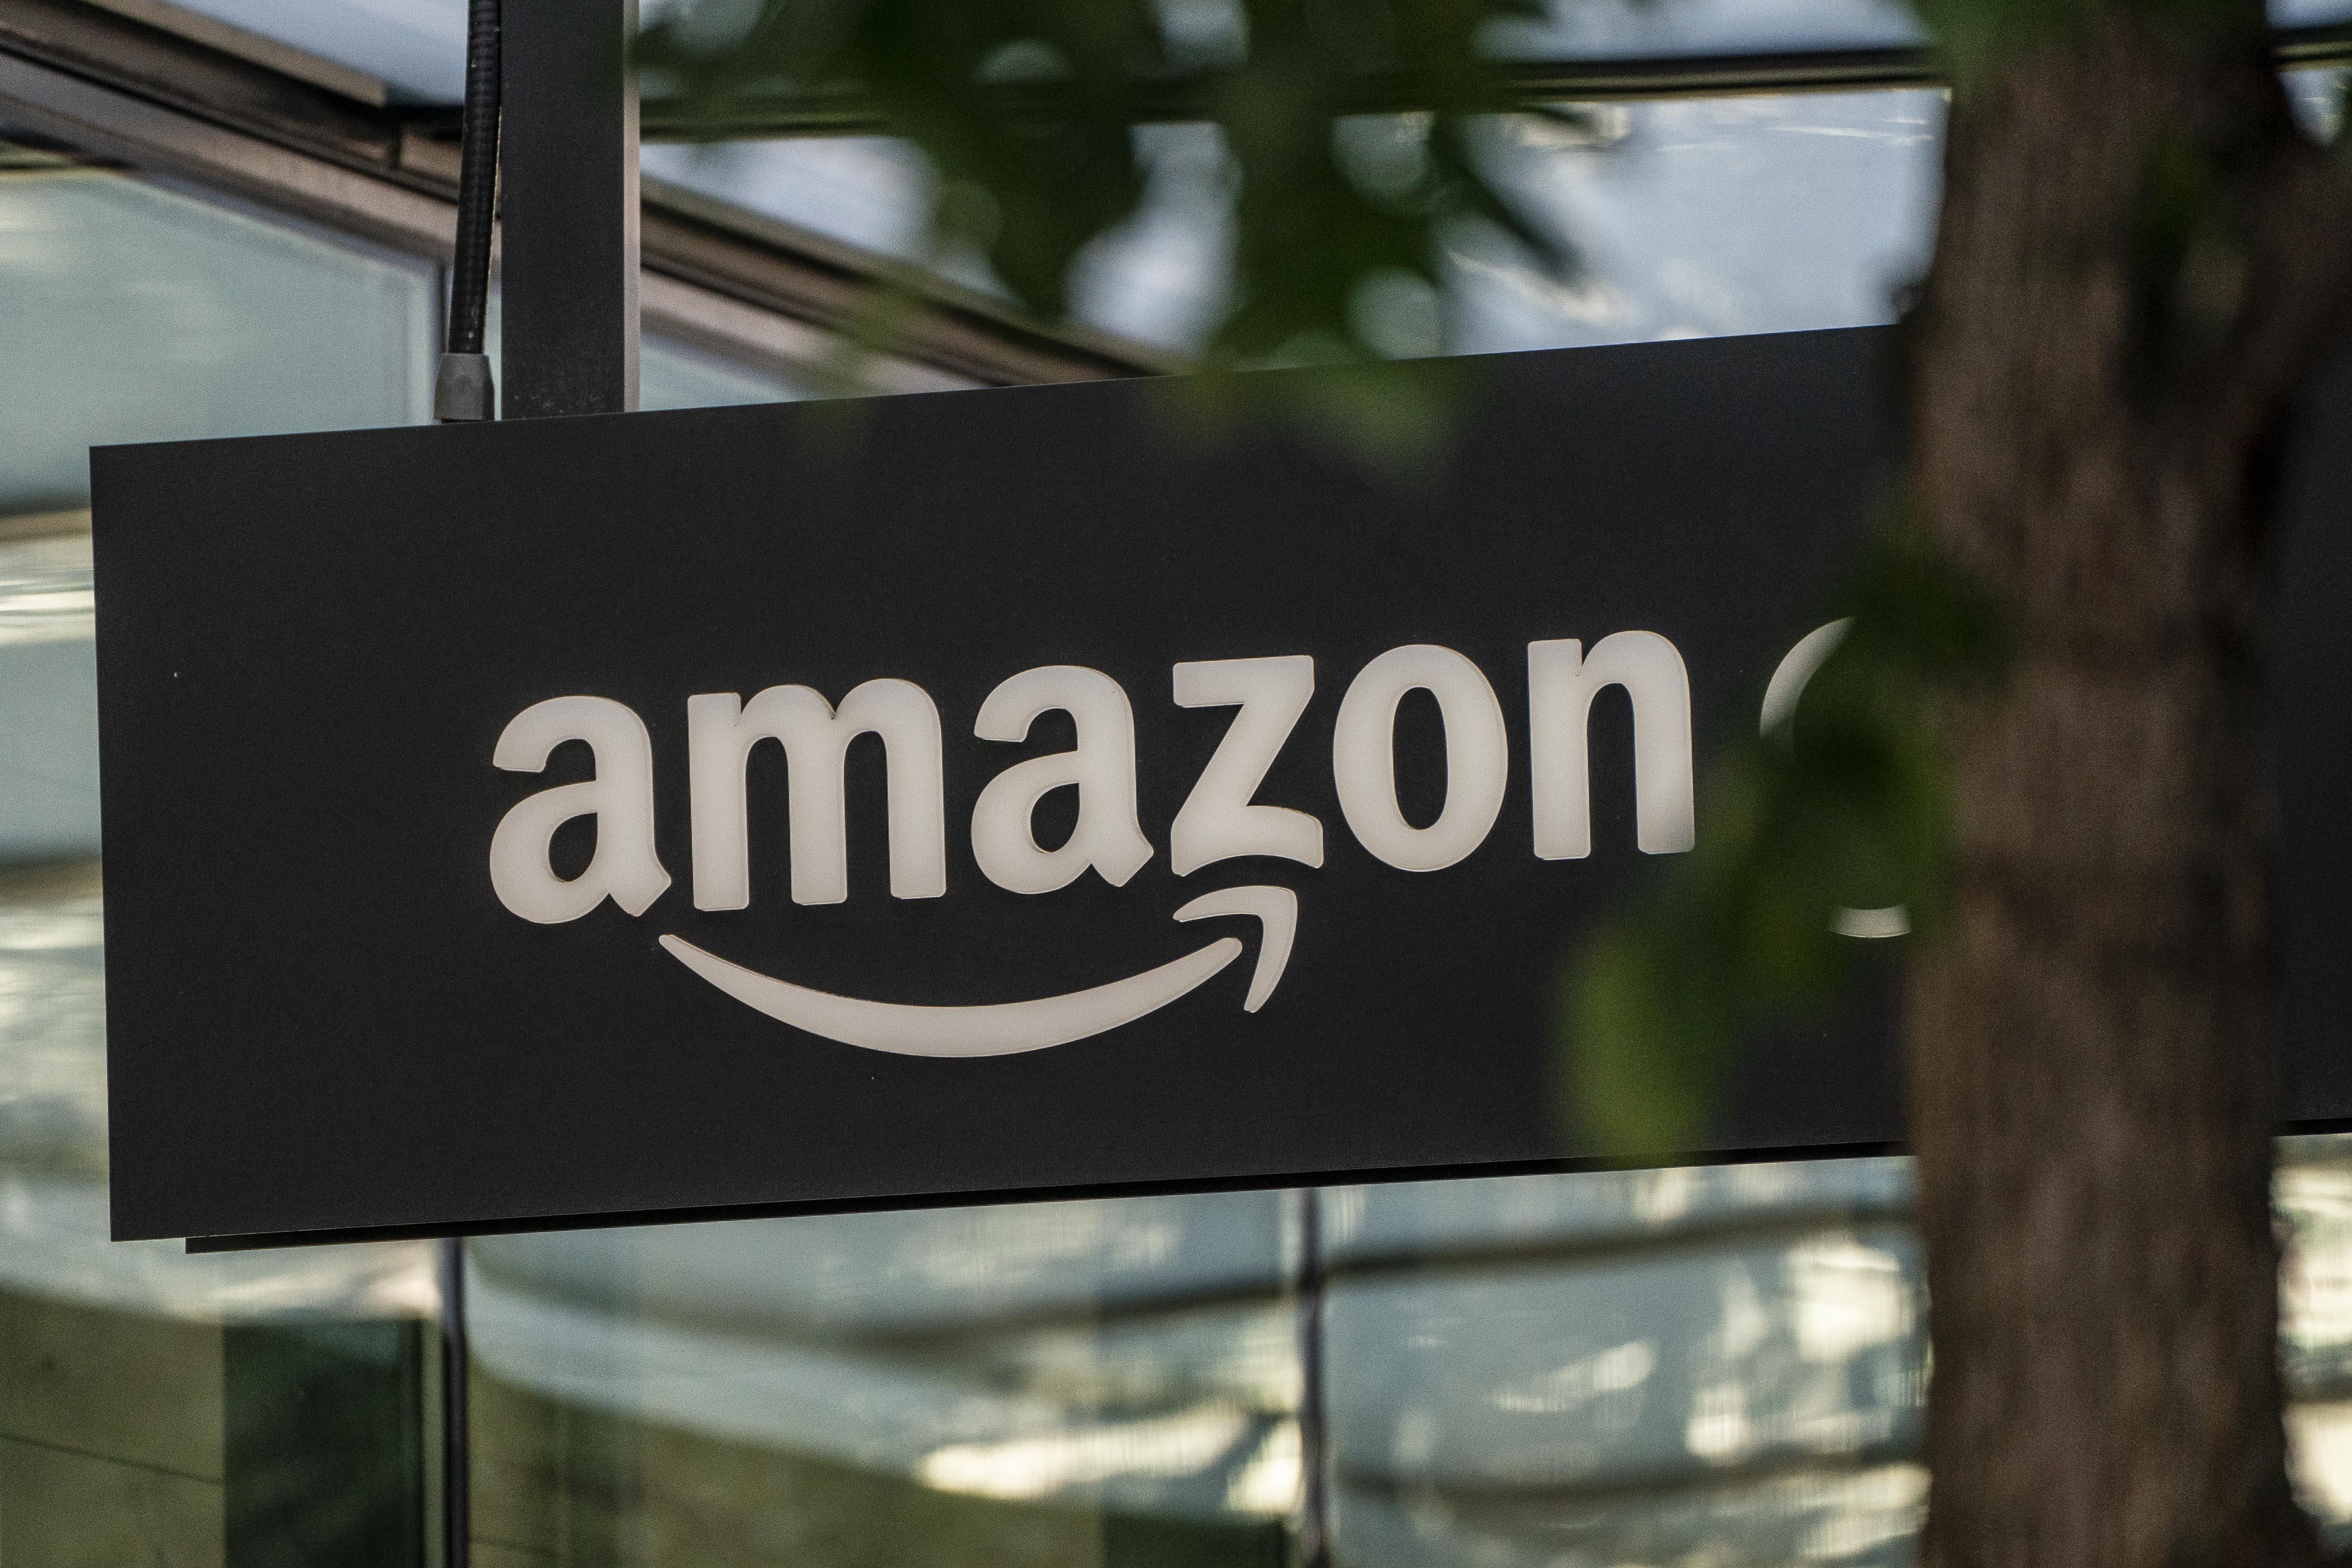 DC AG, Amazon davasını toptancı fiyatlandırma taktiklerini içerecek şekilde genişletiyor | Engadget